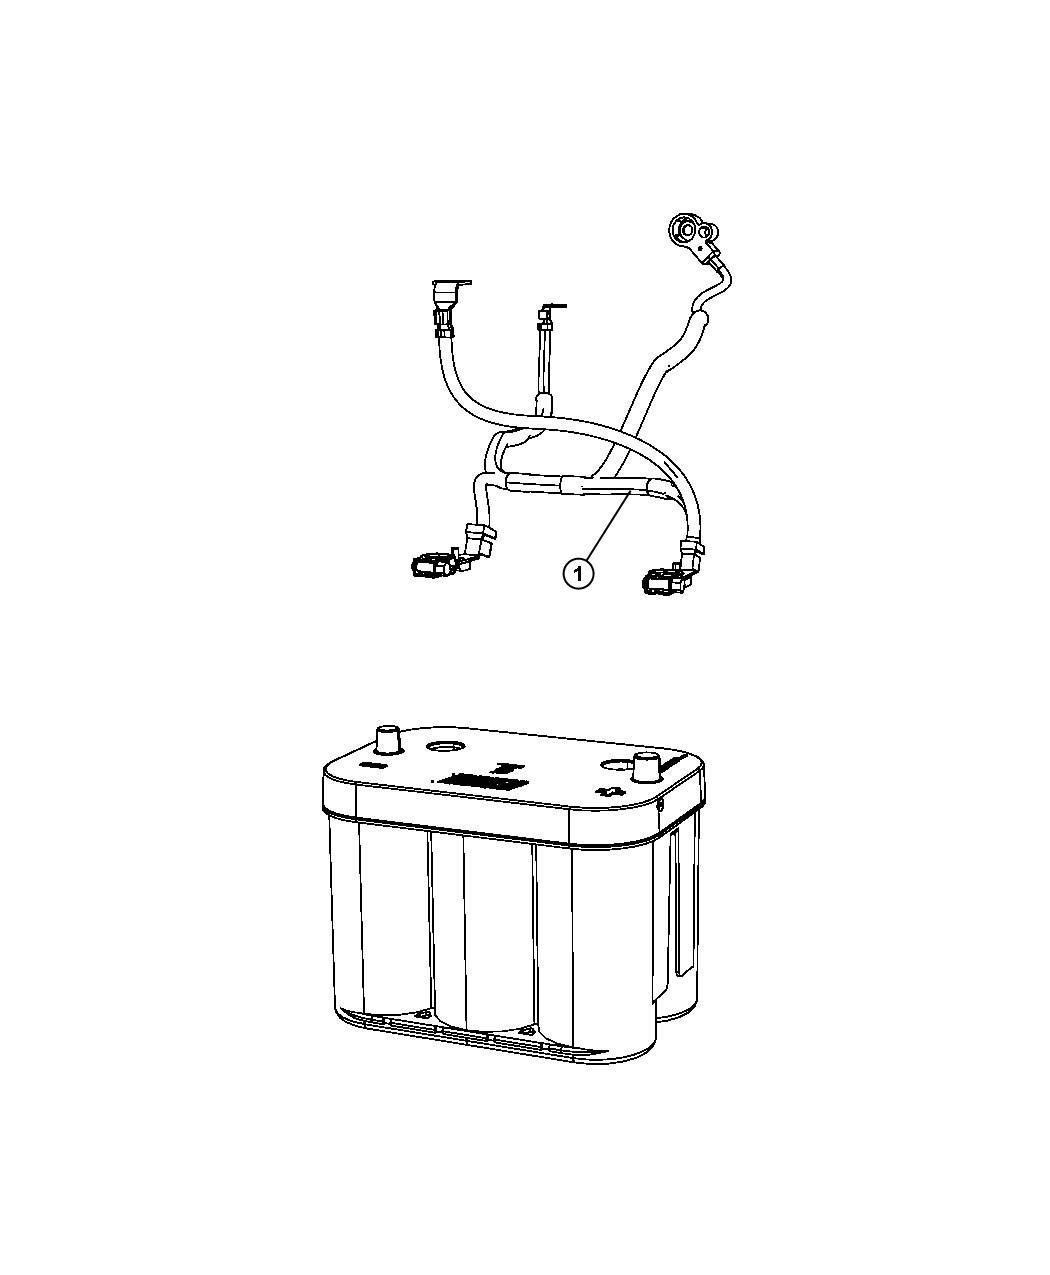 2010 dodge journey wiring battery tray mopar. Black Bedroom Furniture Sets. Home Design Ideas